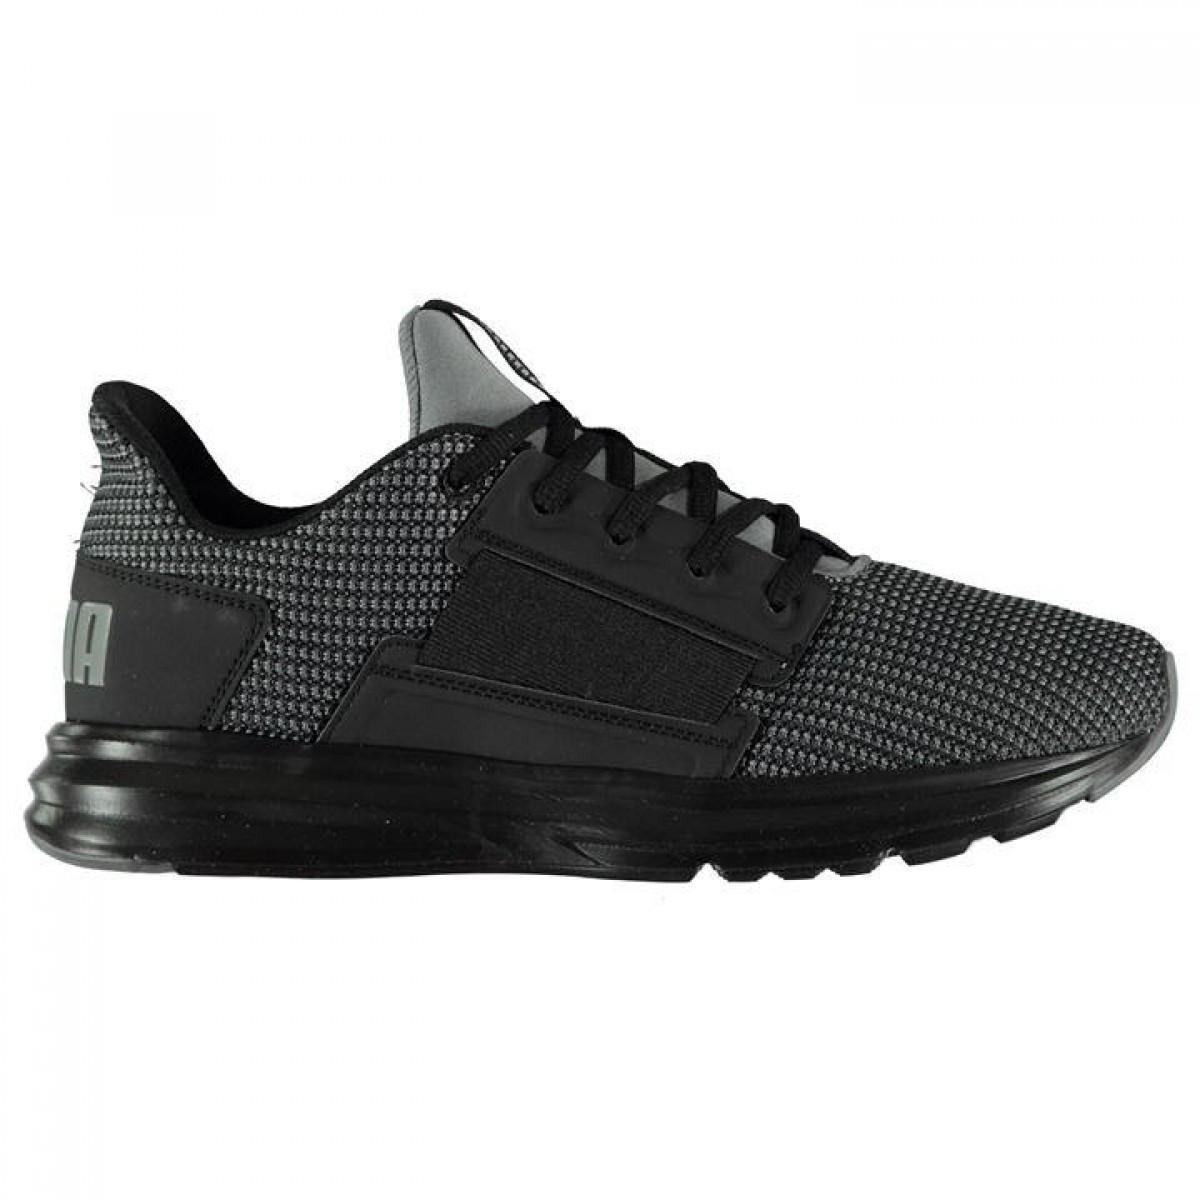 Кроссовки Puma Enzo Street DkGrey Black - Оригинал - FAIR - оригинальная  одежда и обувь 1024196effa